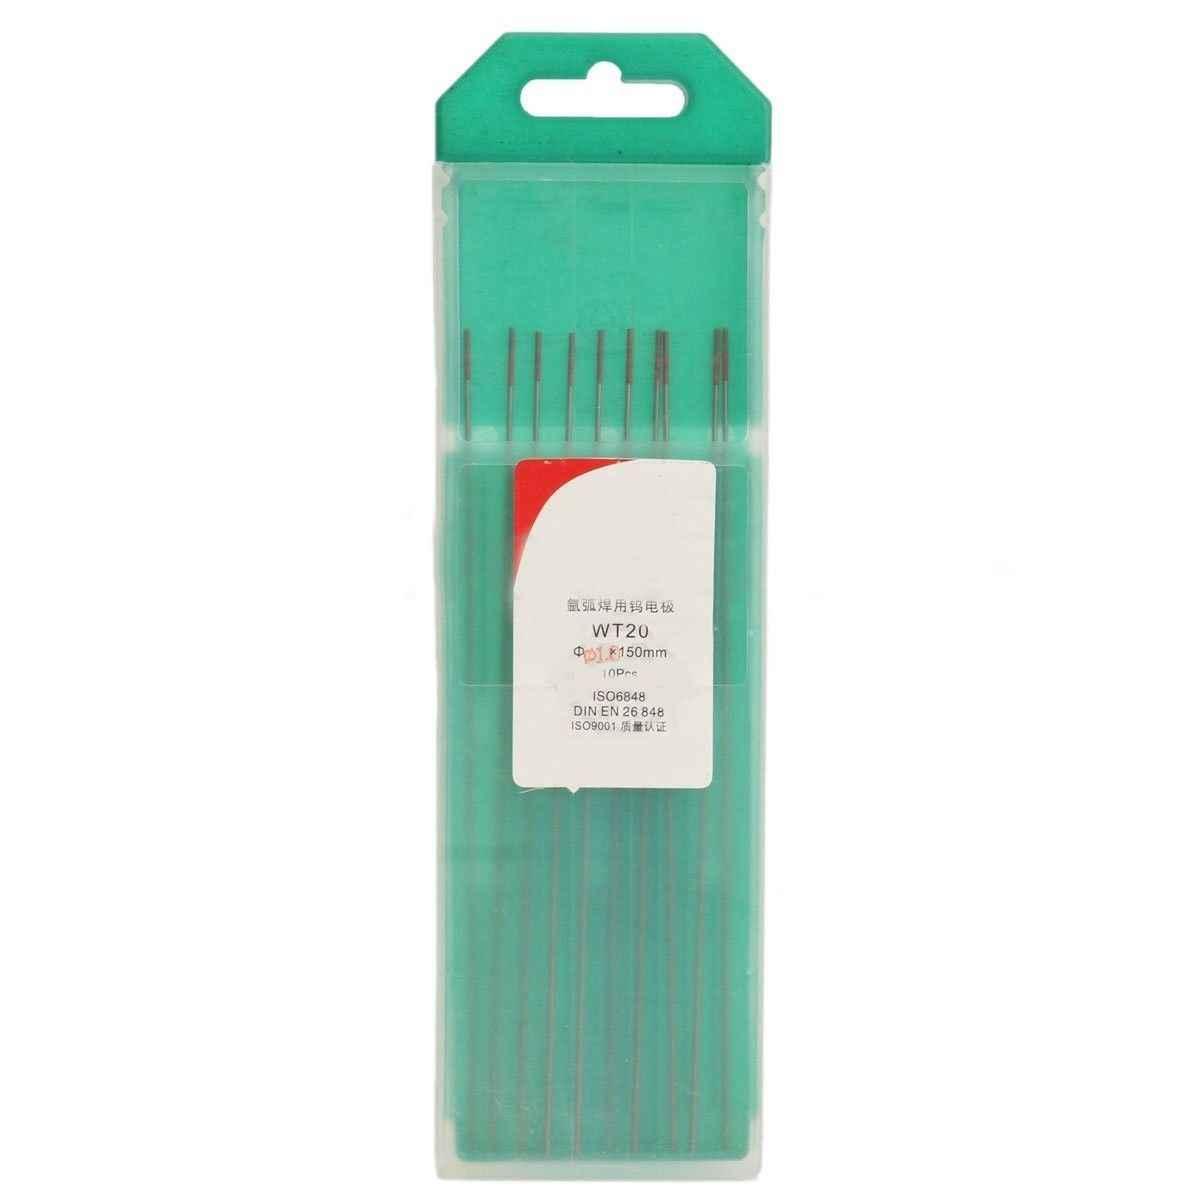 Высокое качество 10 шт. WT20 Вольфрам 2% Lanthanated TIG сварочные электроды 150 мм/6 дюймов